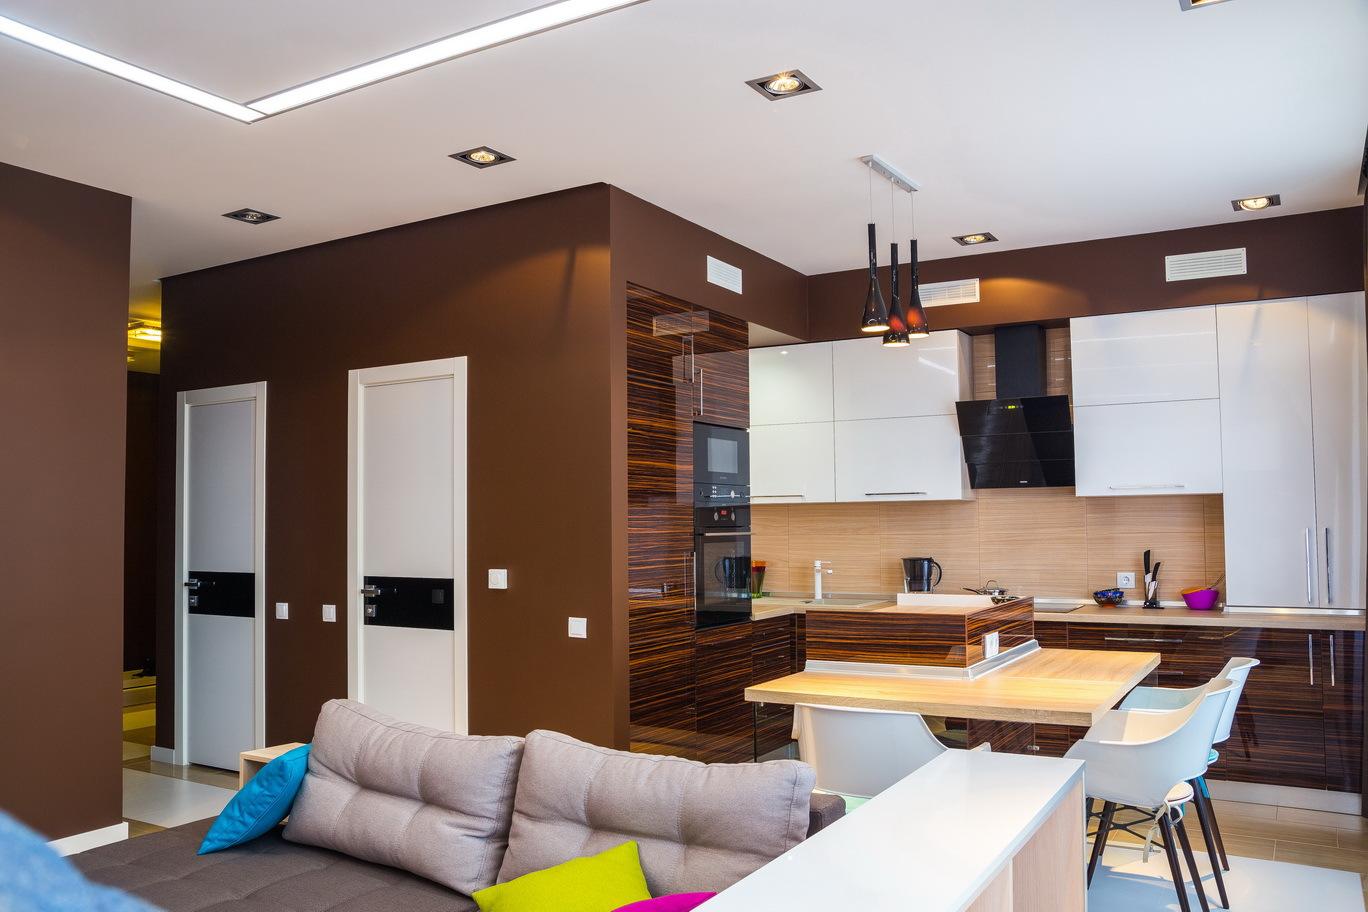 Кухня студия на 17 кв м дизайн